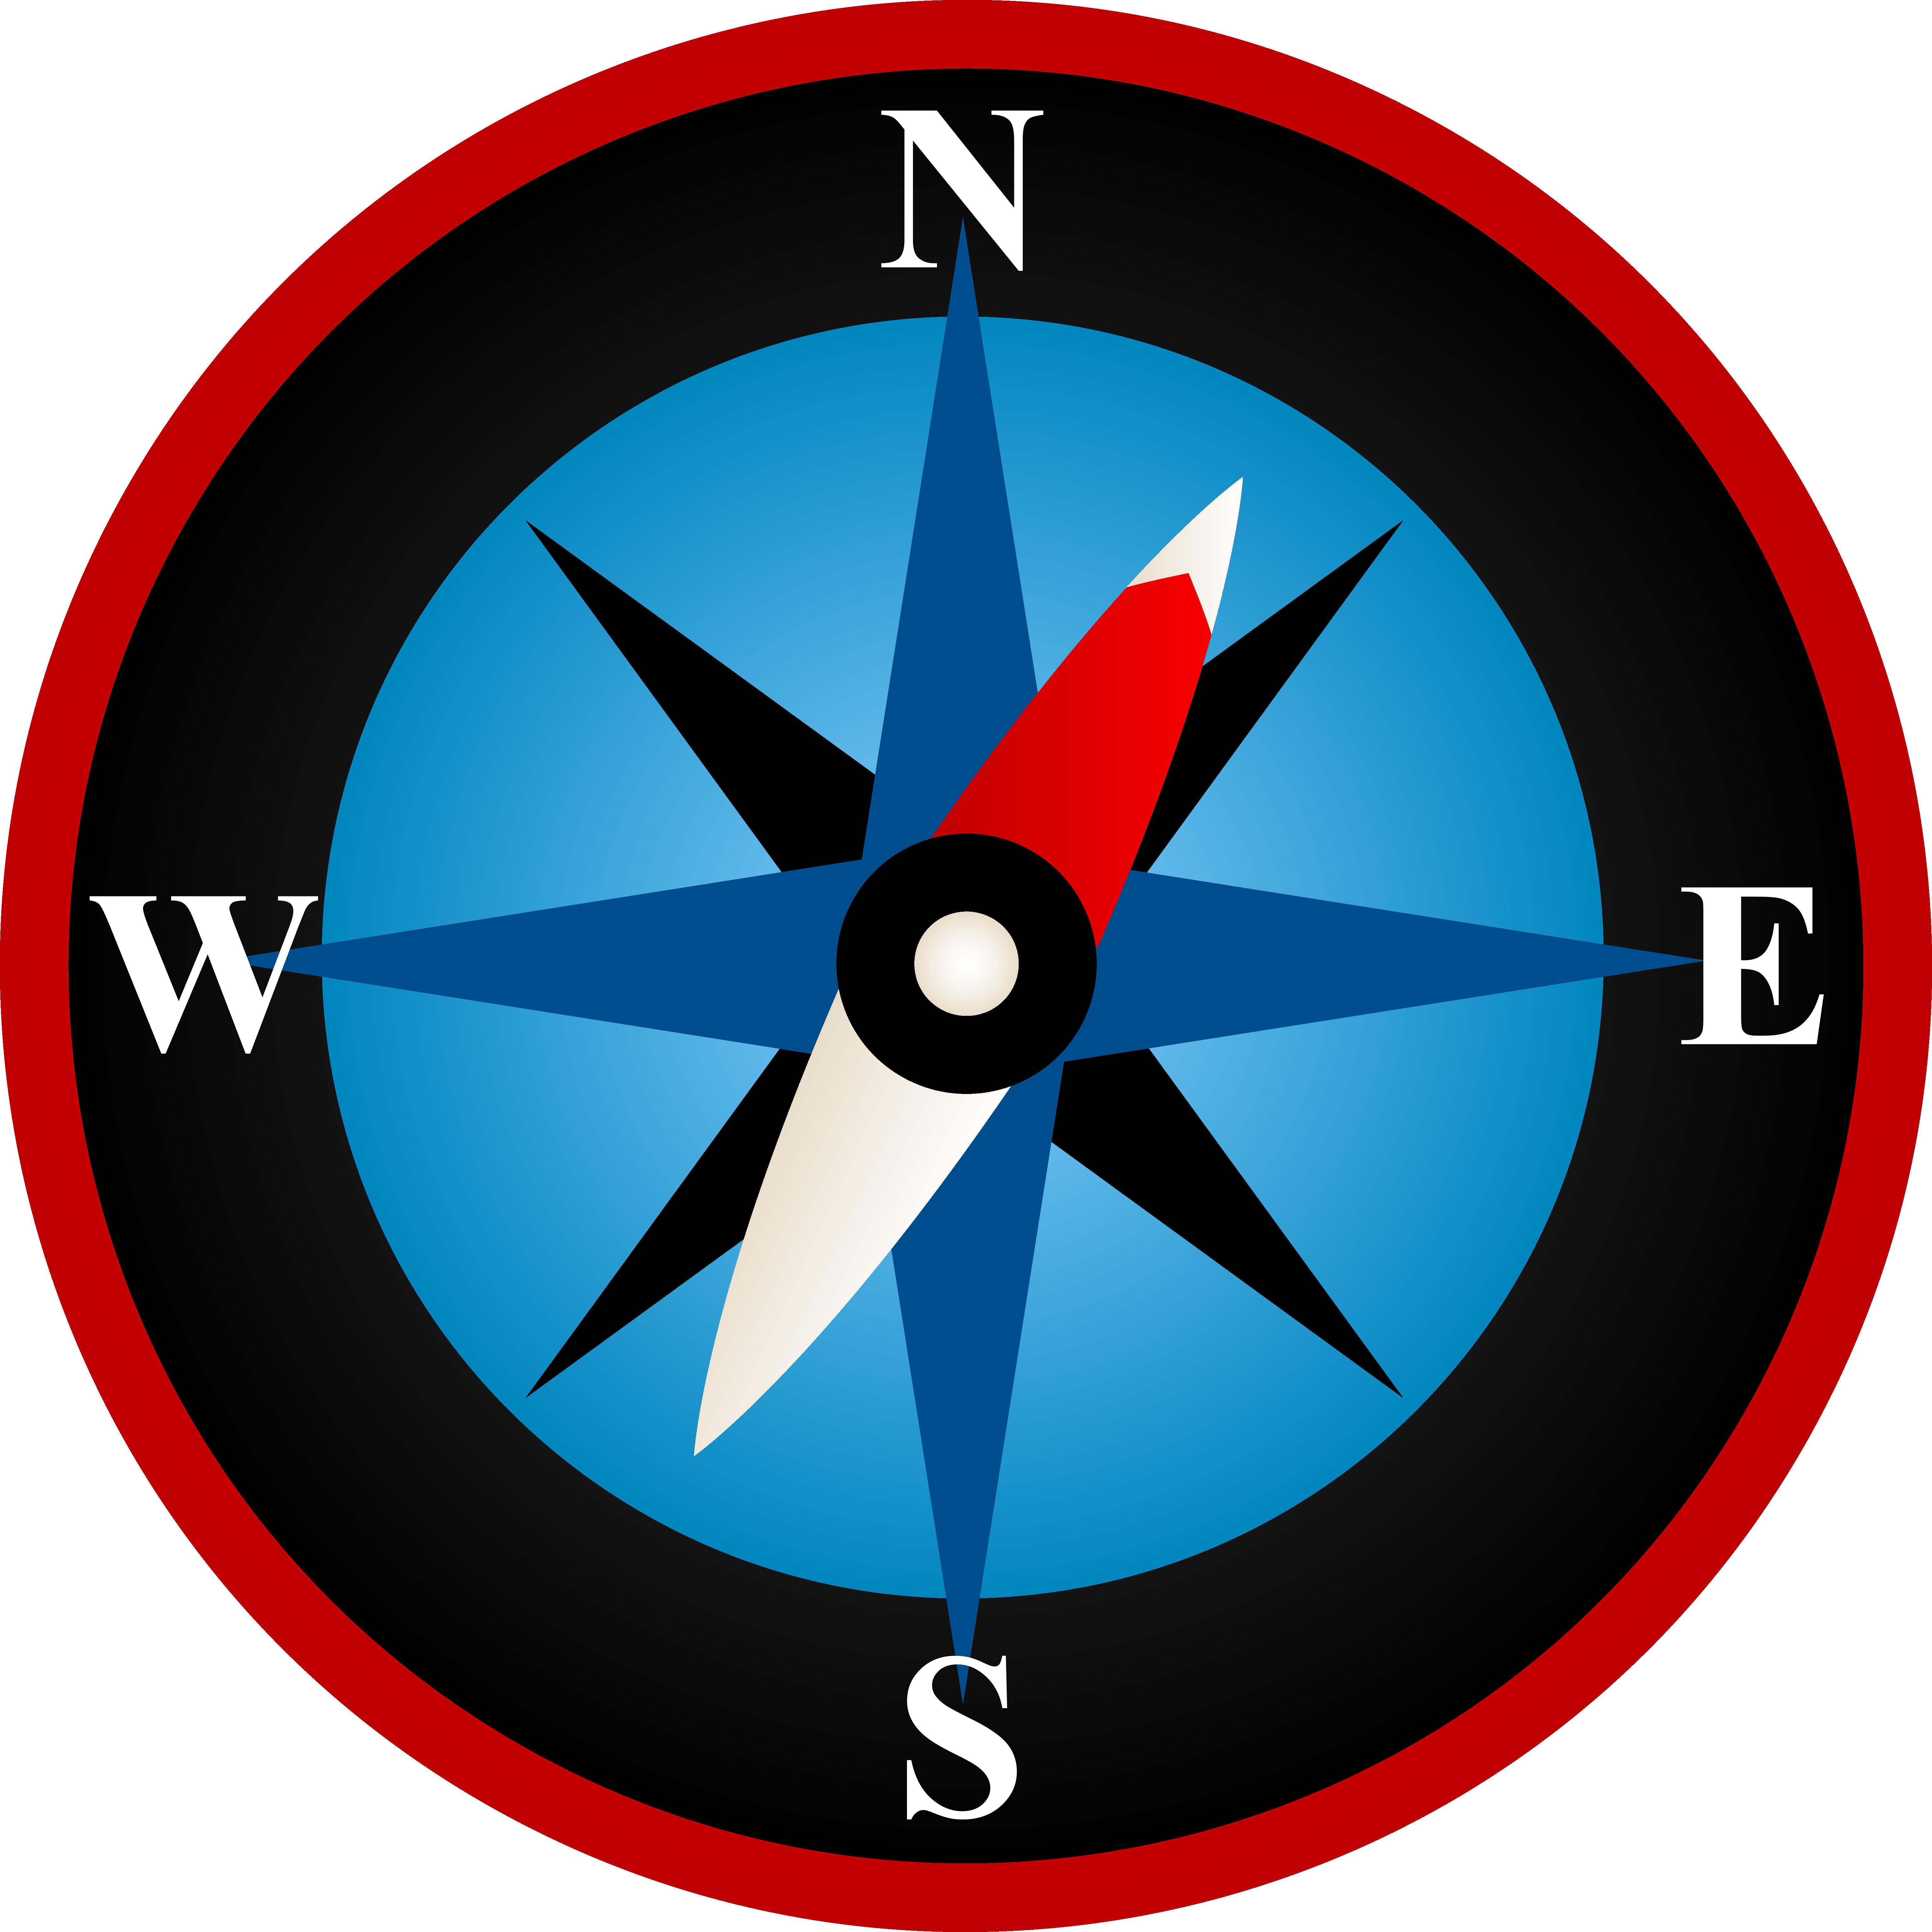 Compass Clip Art. Compass cliparts